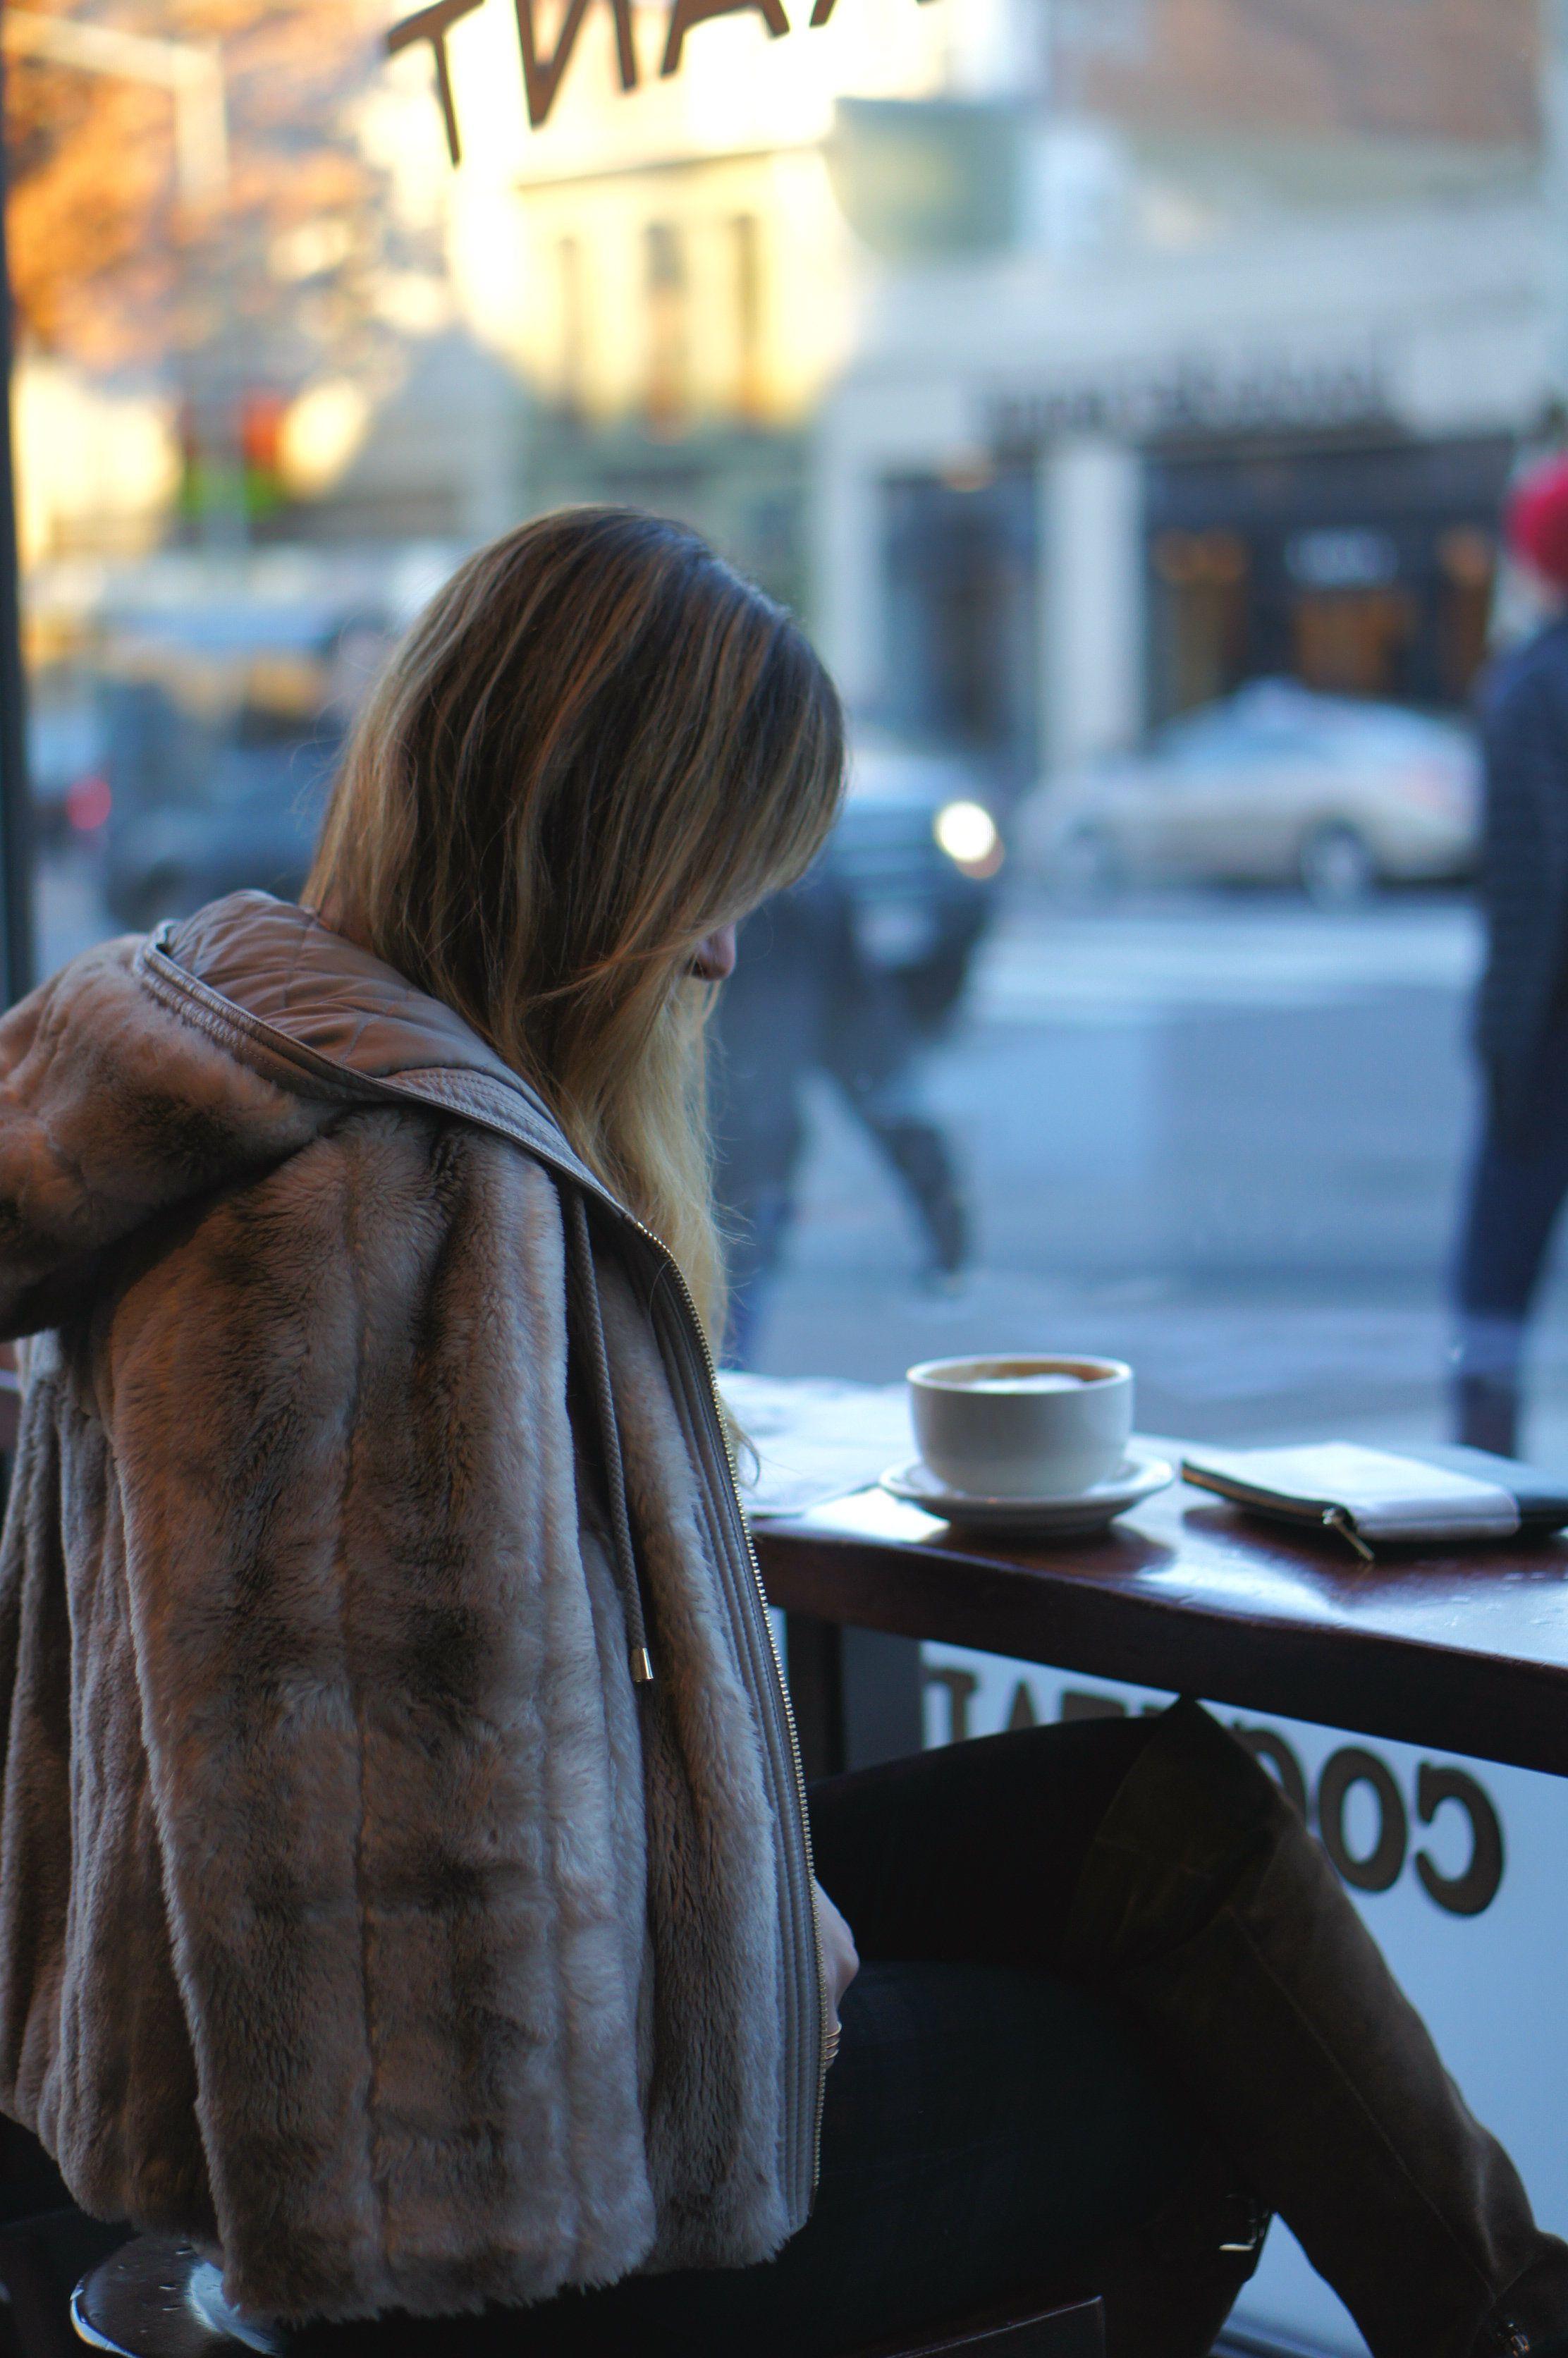 لايمكن ان نحتسي القهوة منفرداً.. فان لم يشاركك الحنين